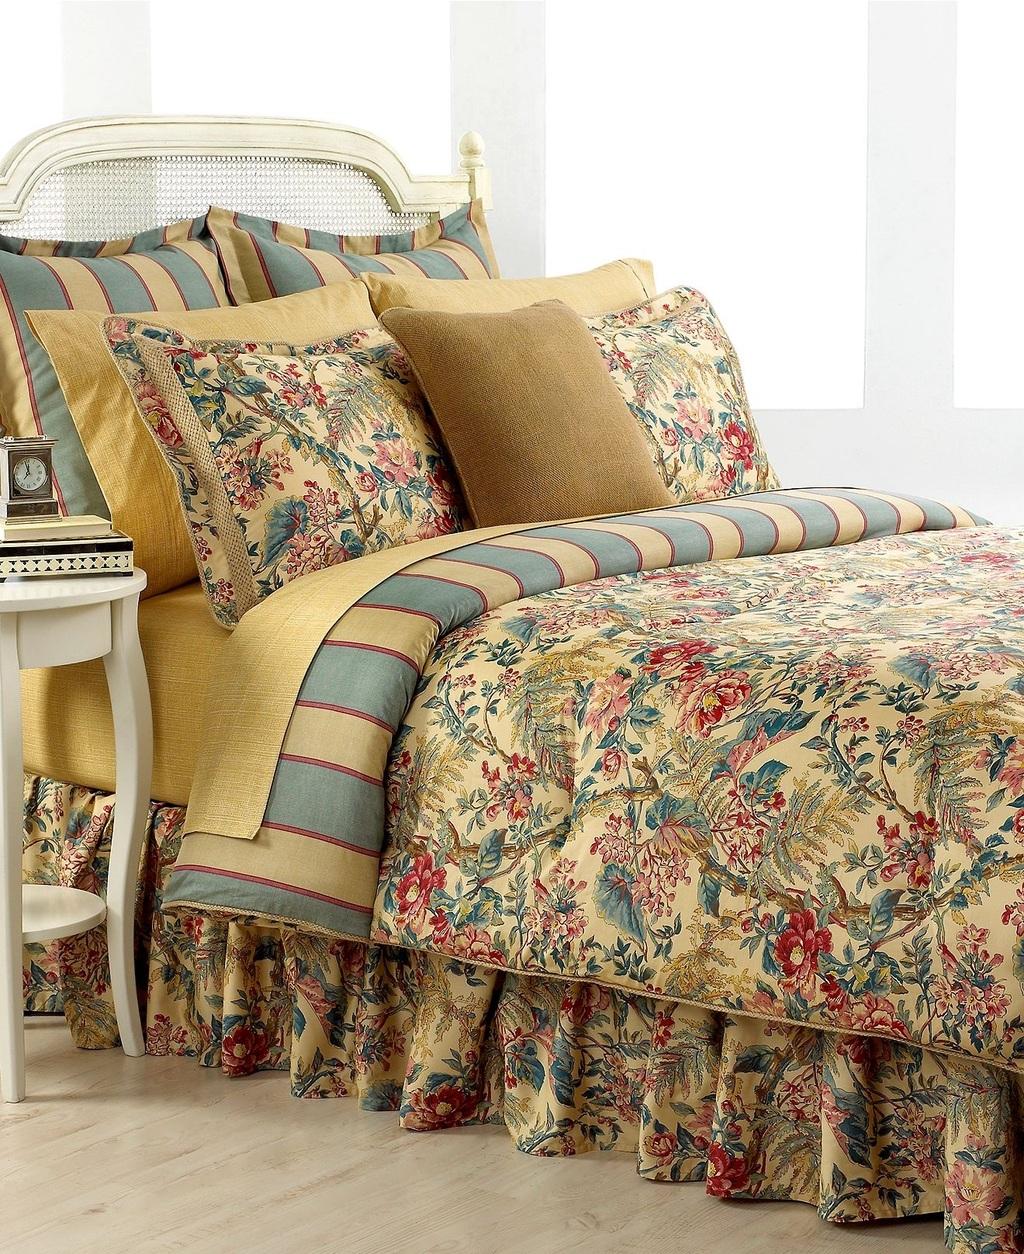 Ralph Lauren Bedding Tangier 2 Euro Pillowshams Ebay